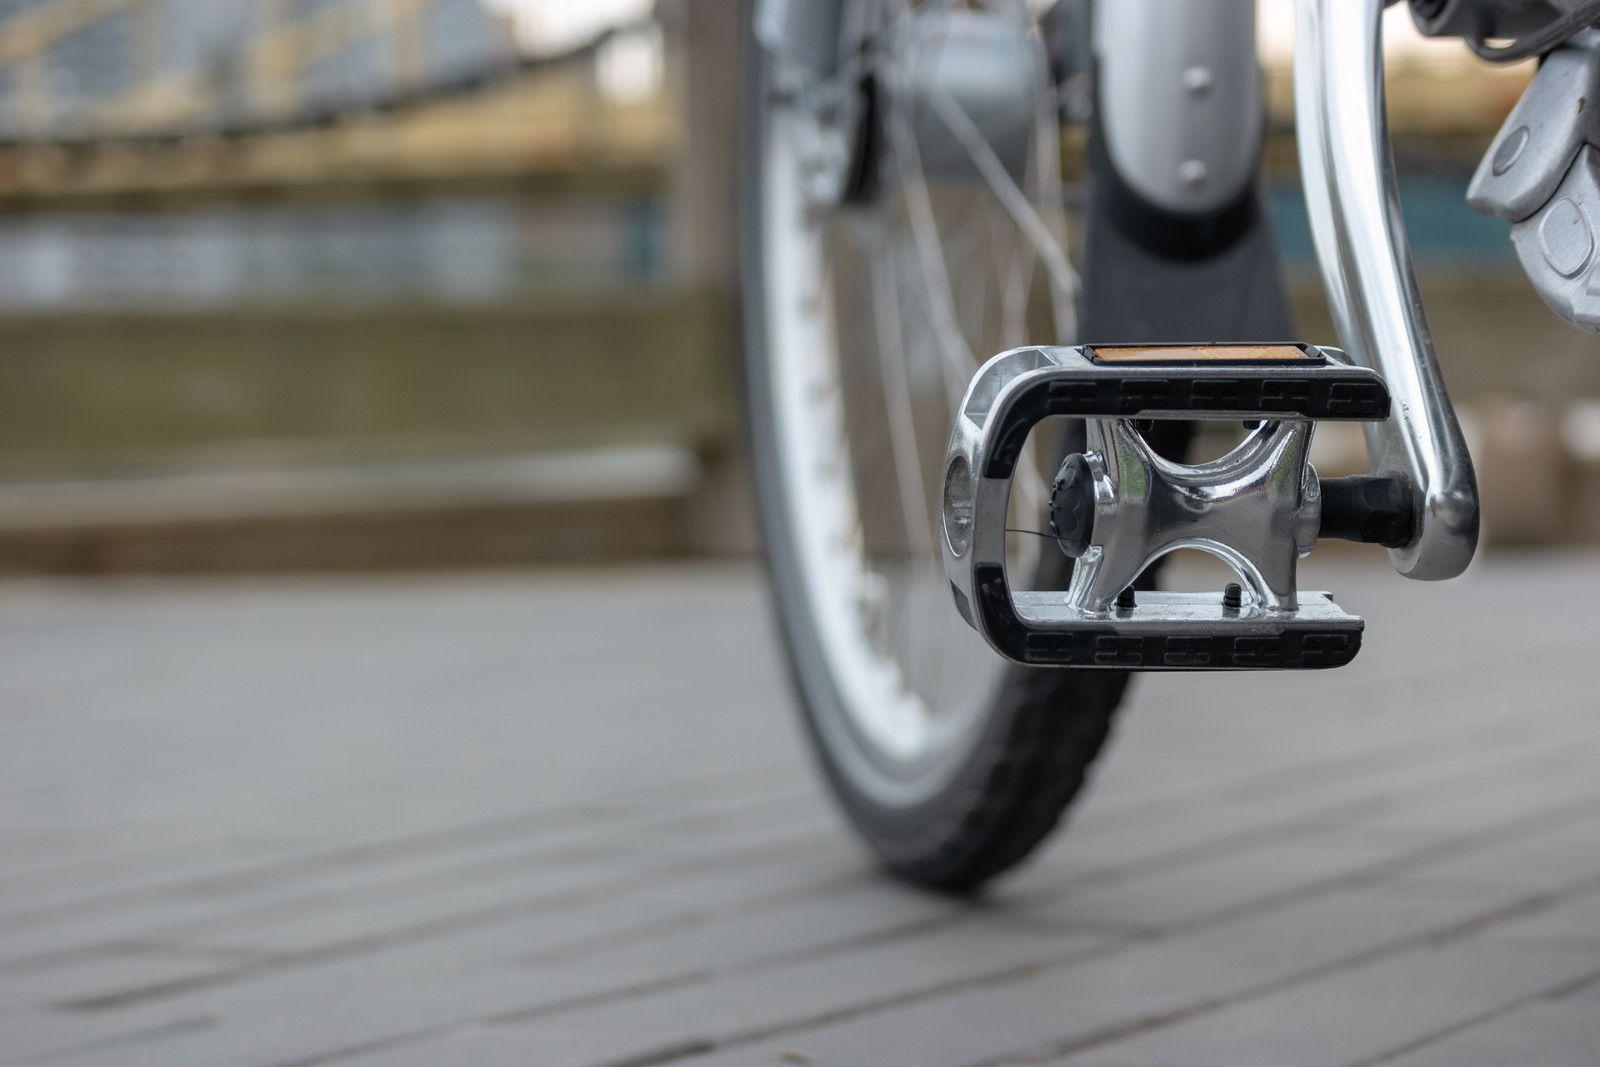 Na co zwrócić szczególną uwagę, wymieniając pedały rowerowe?